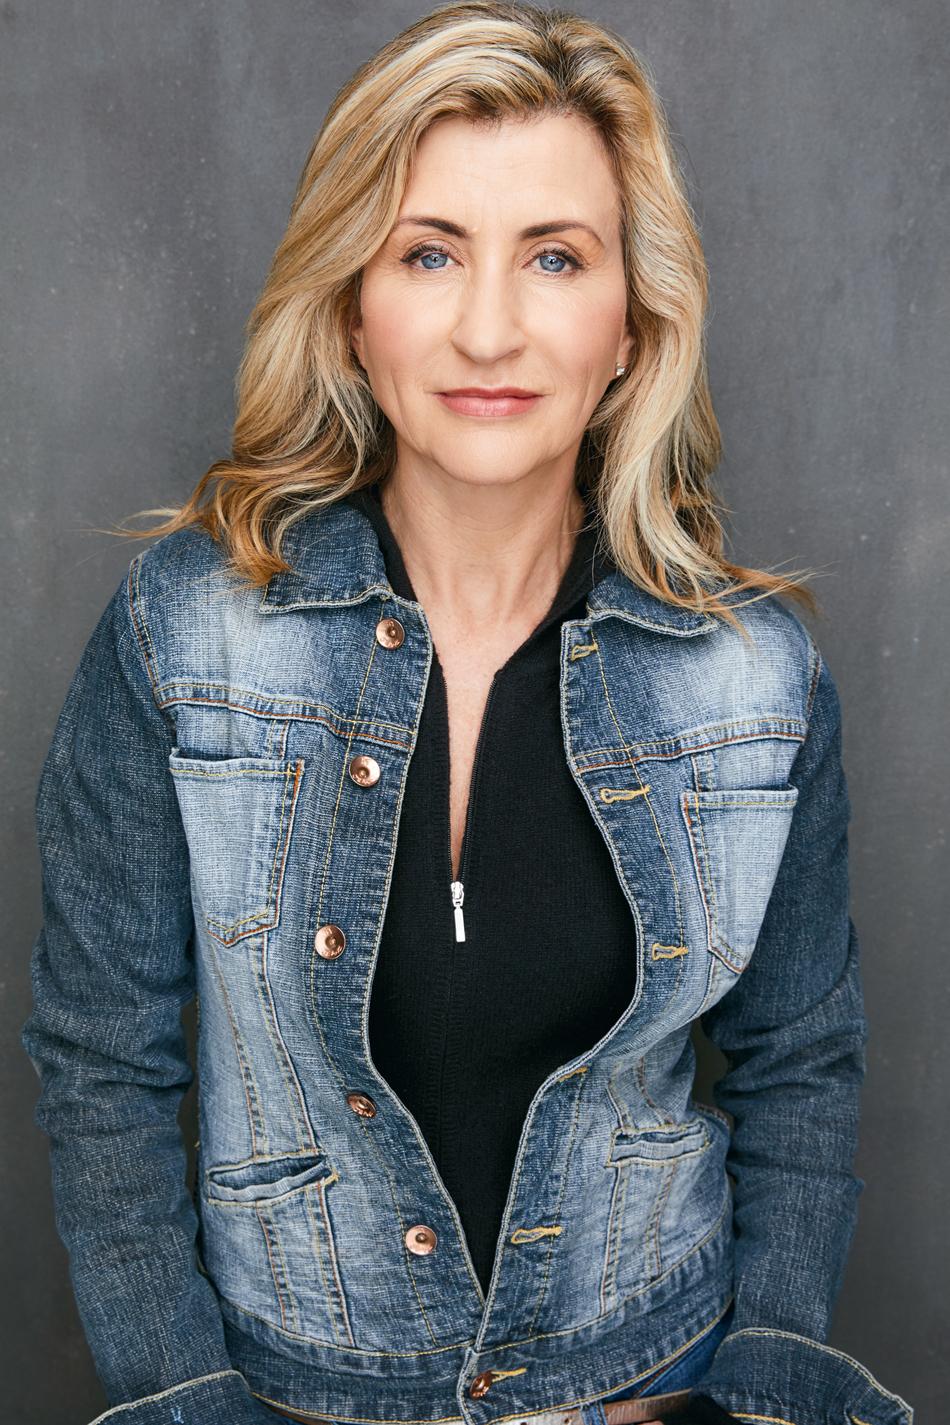 Stephanie Zimbalist,Marla Boyd (b. 1987) Hot pics Carrie Salmon CAN 3 1996?998,Samantha Barks (born 1990)